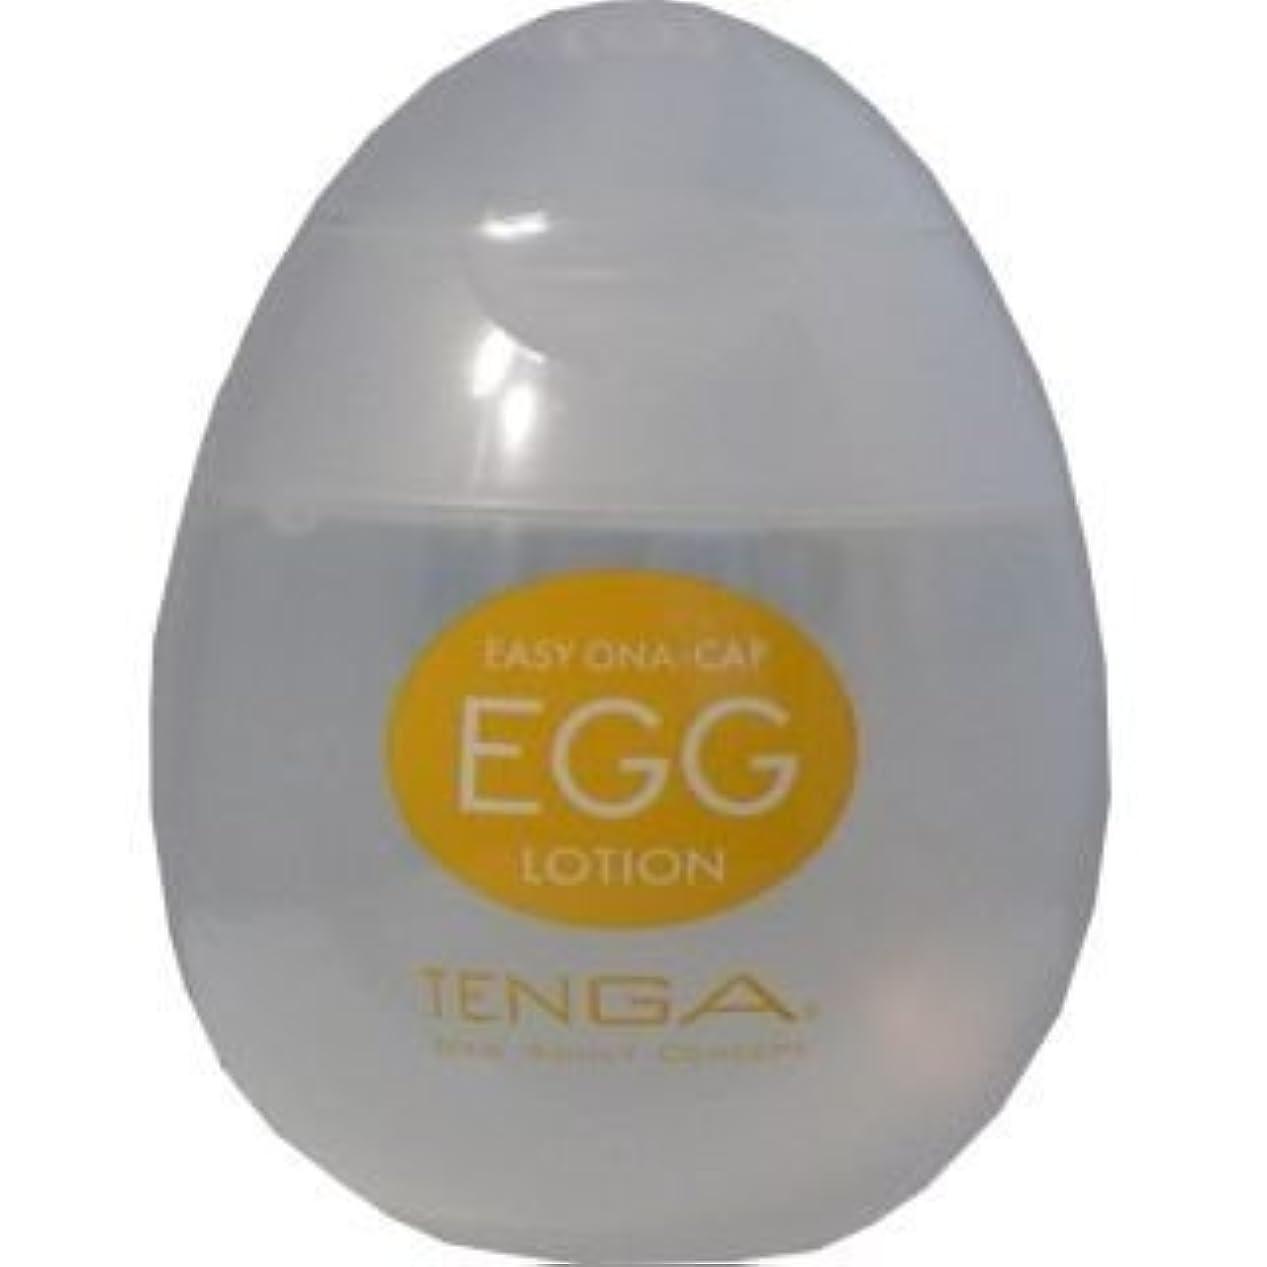 プロテスタントオークションパース保湿成分配合で潤い長持ち!TENGA(テンガ) EGG LOTION(エッグローション) EGGL-001【2個セット】